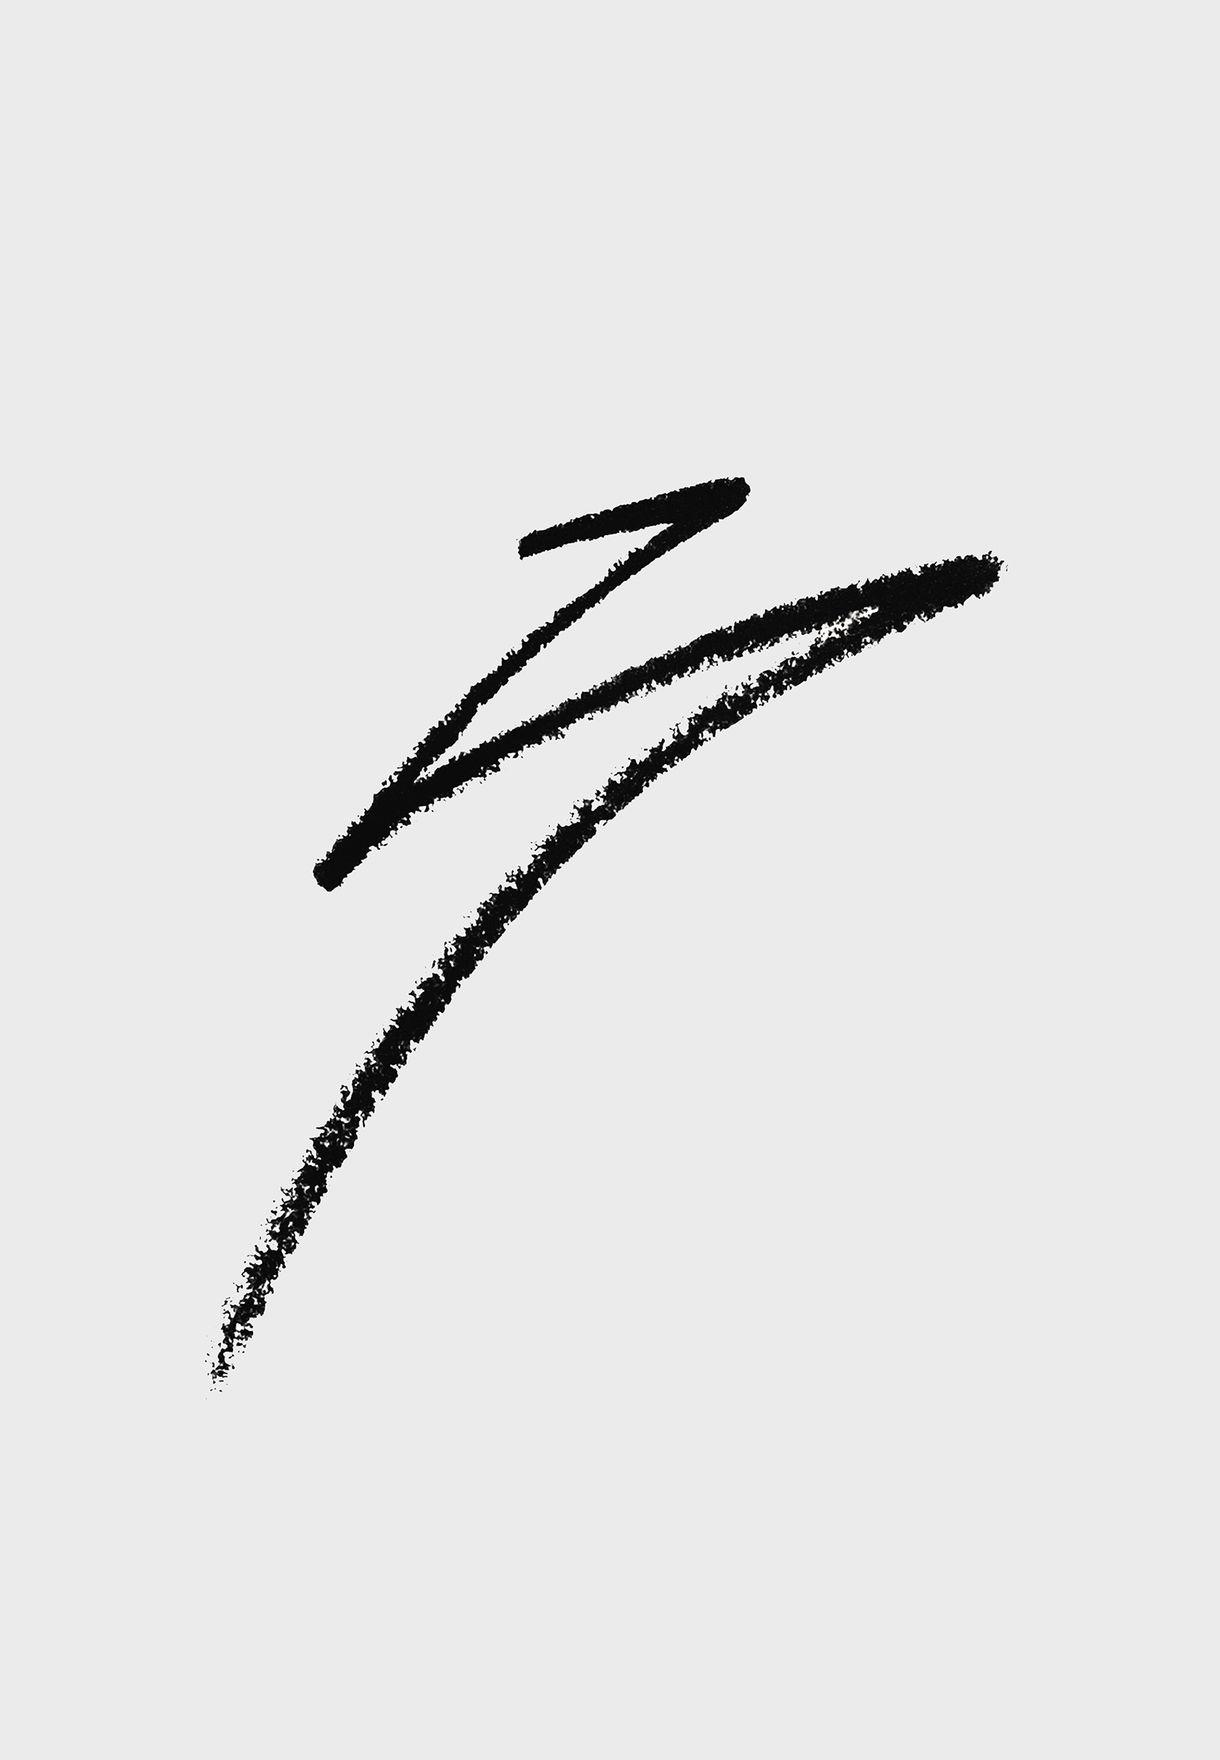 قلم لاينر اكوا ريزست كولور- 01 جرافيت